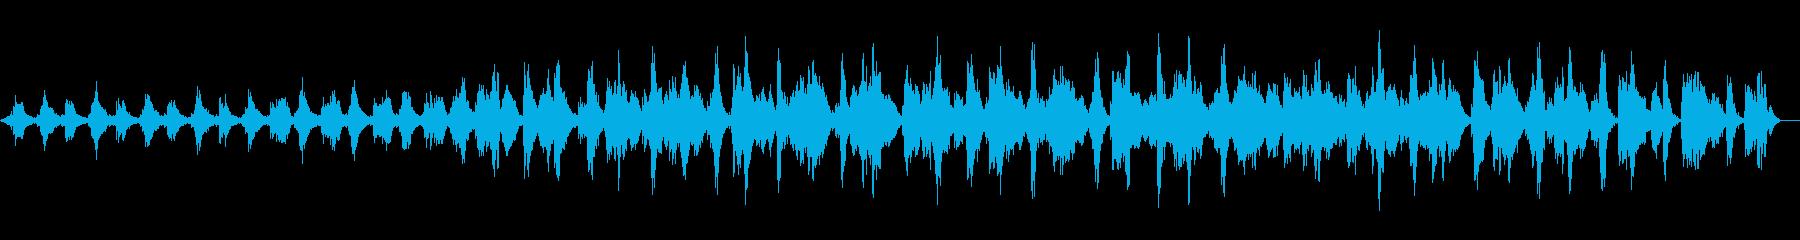 深い瞑想に入るためのギターアンビエントの再生済みの波形